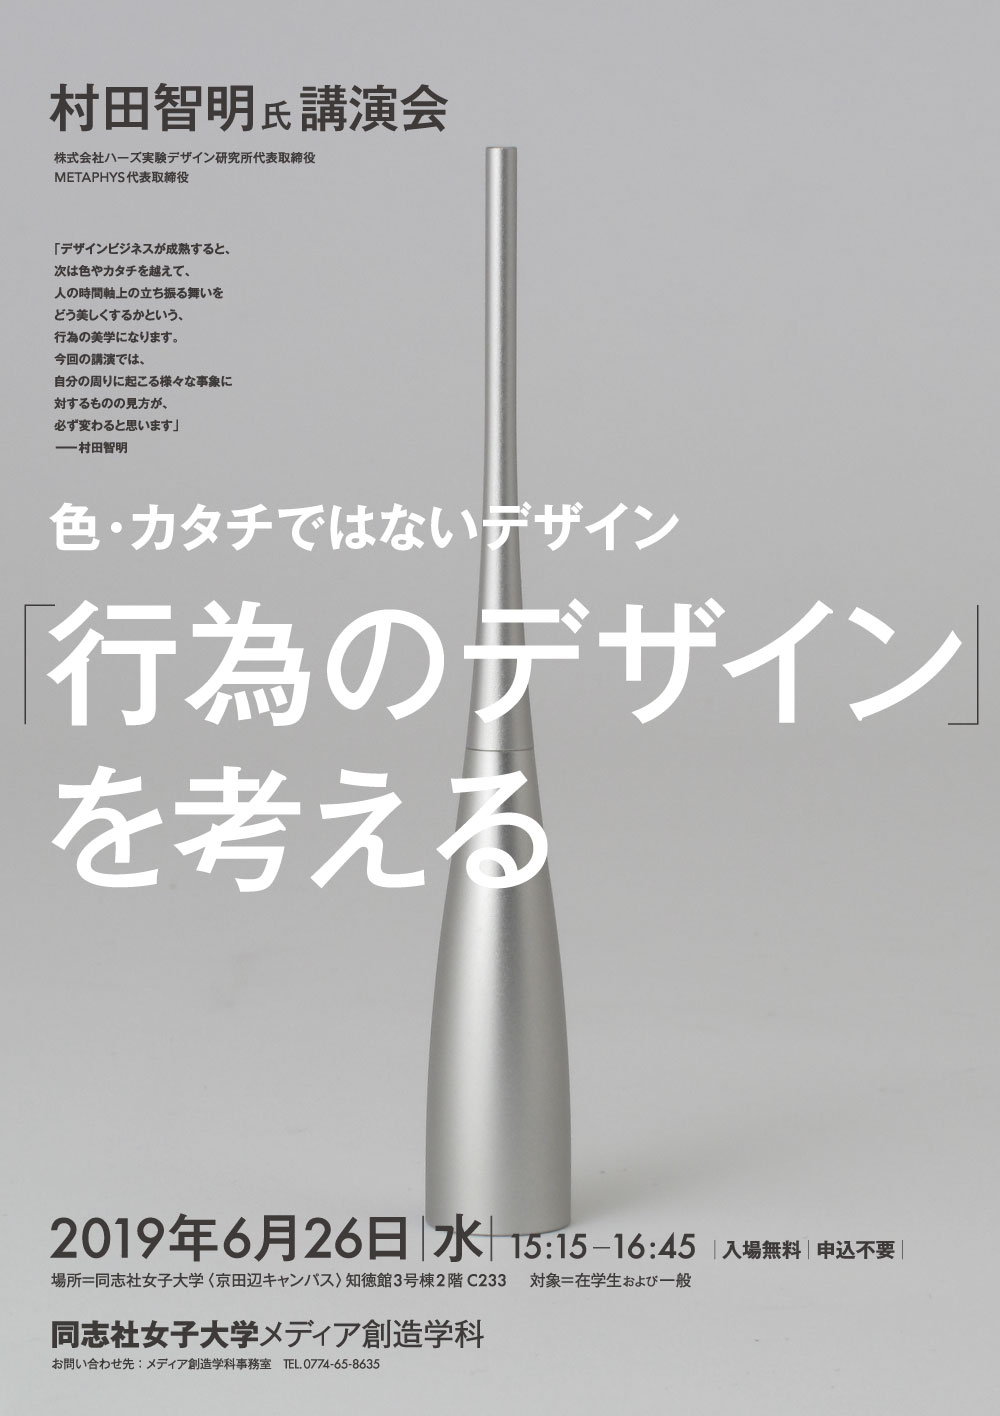 村田智明氏講演会 -色・カタチではないデザイン「行為のデザイン」を考える